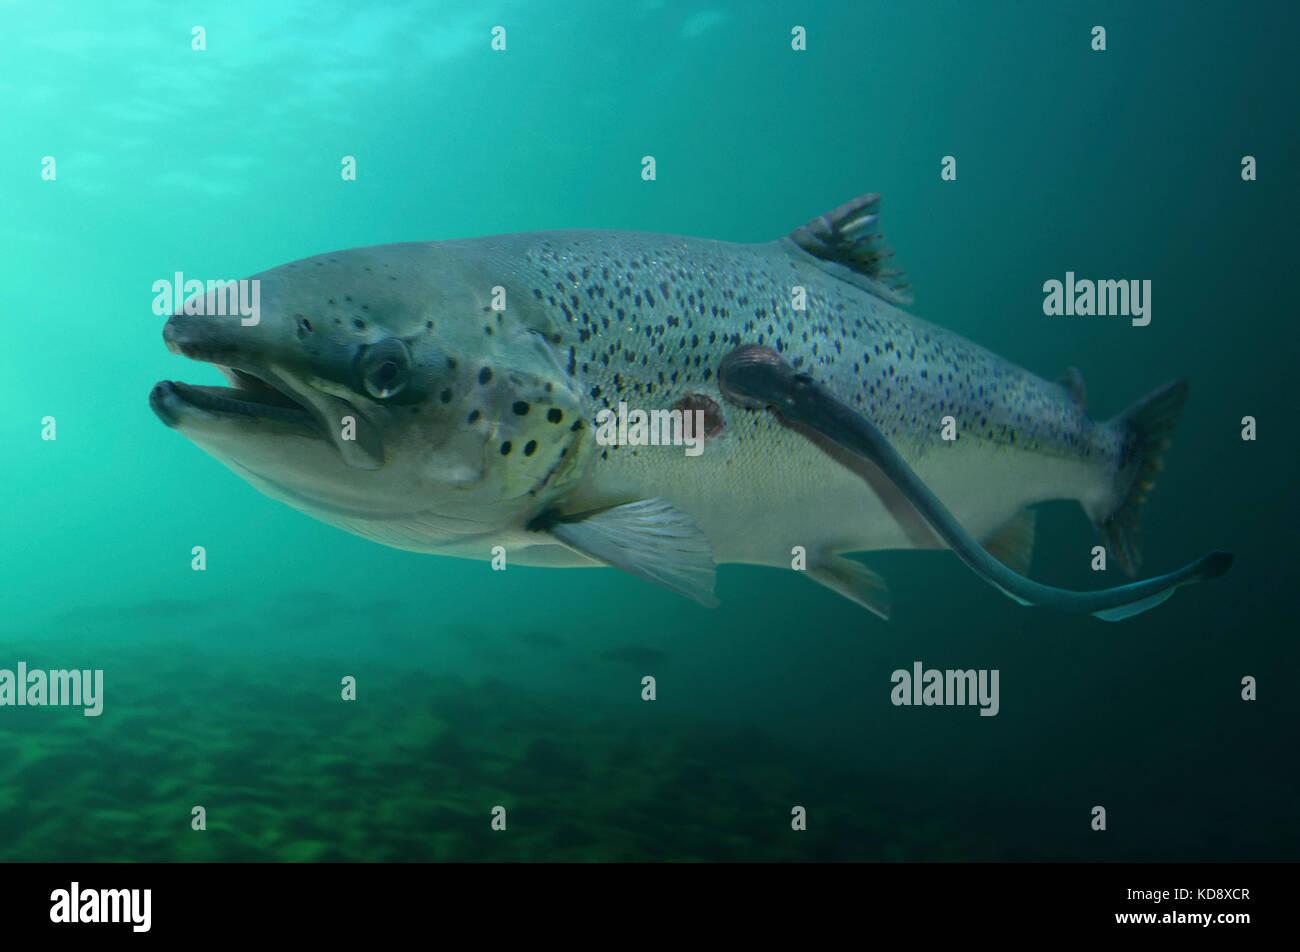 Giovani lampreda di mare, Petromyzon marinus, parasitizing grandi salmone, Salmo salar. Nota altri segno circolare Immagini Stock